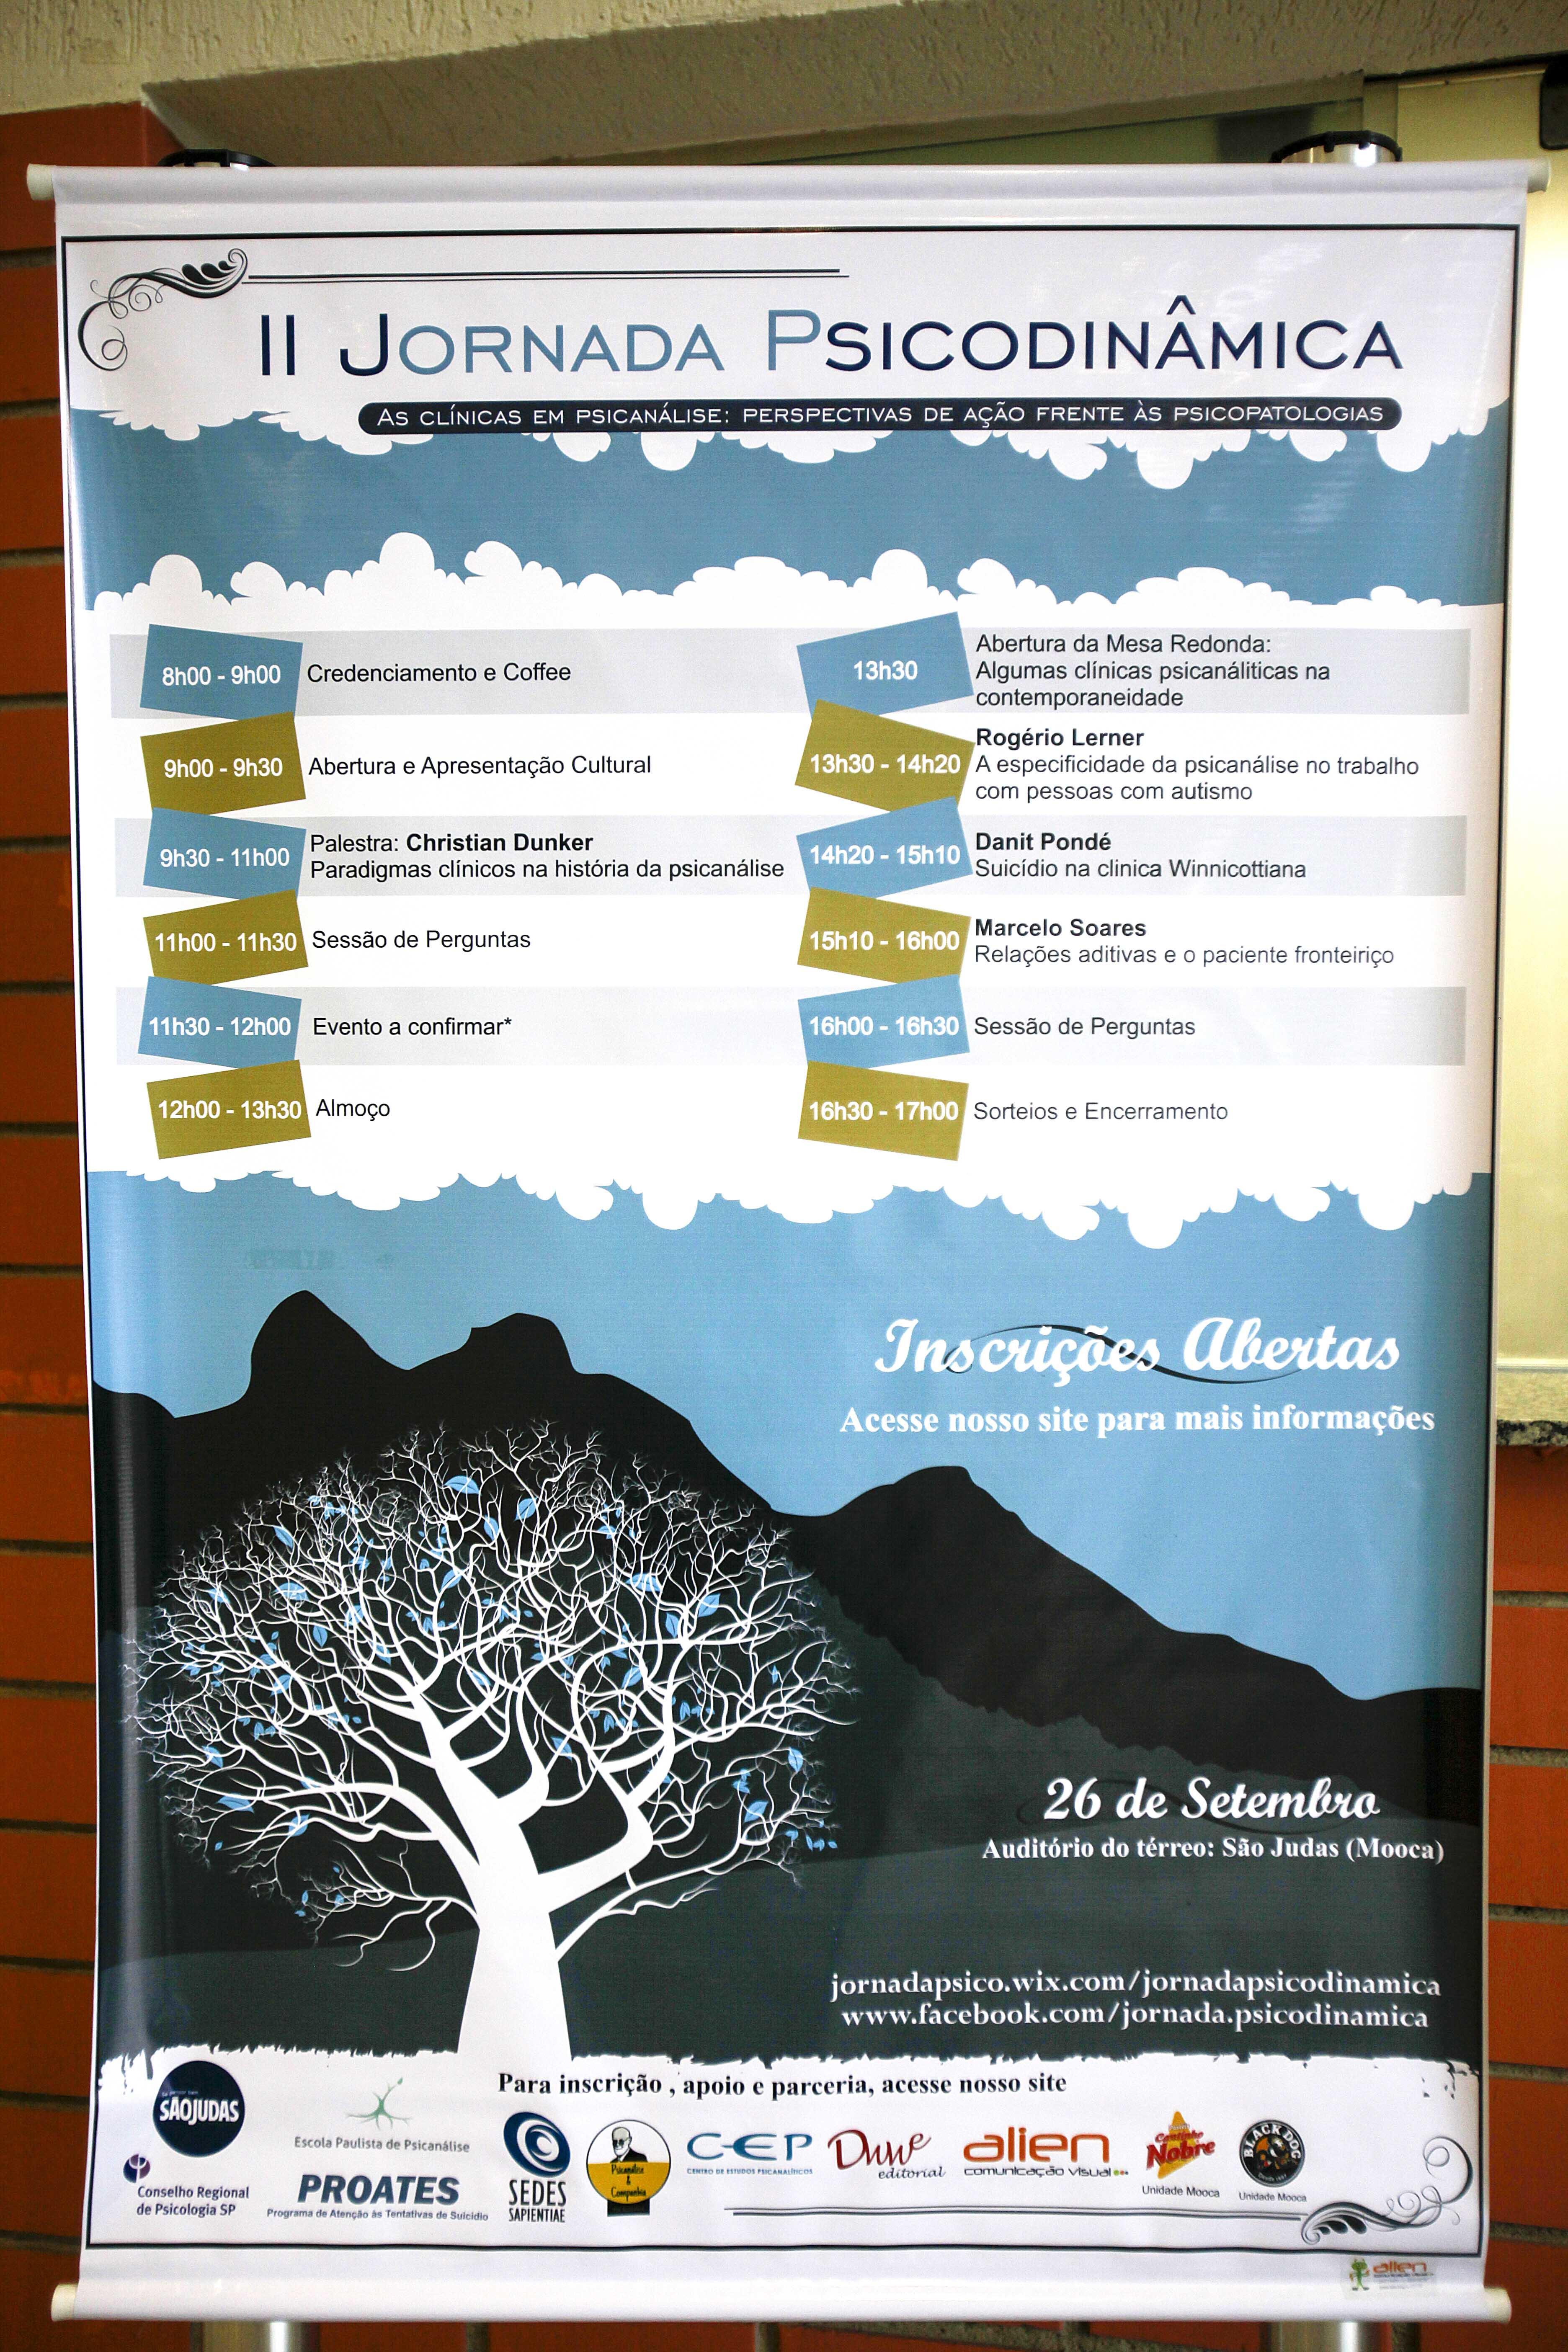 II Jornada Psicodinamica (3)